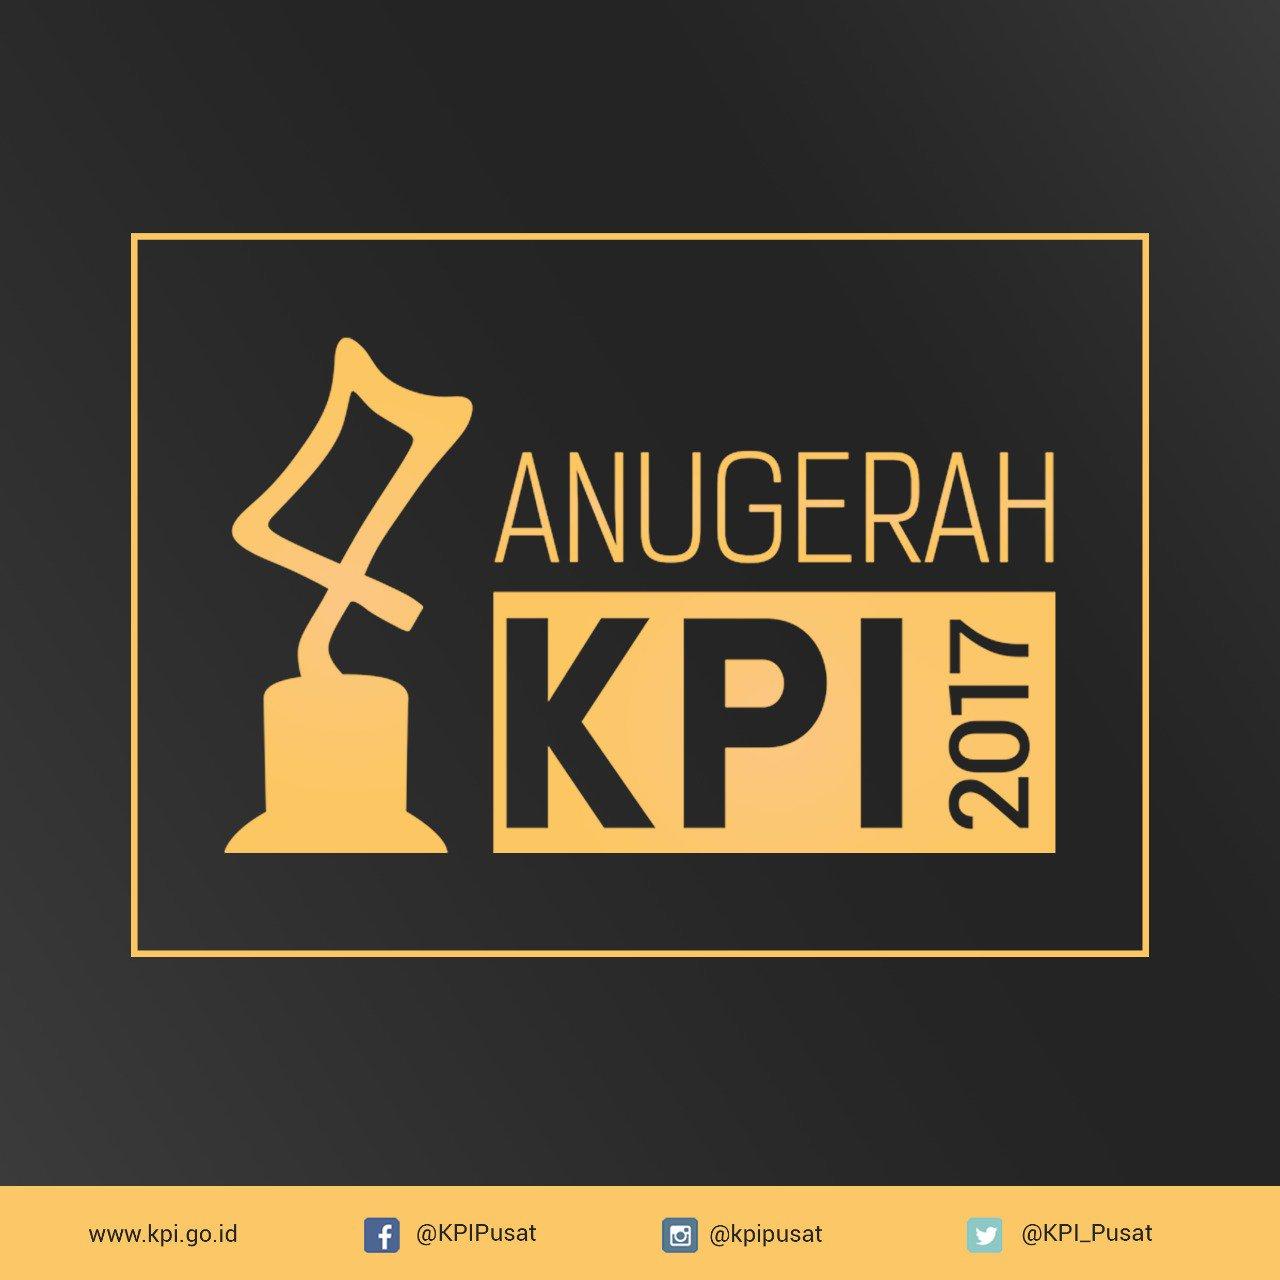 Anugerah KPI 2017 [image by @KPI_Pusat]